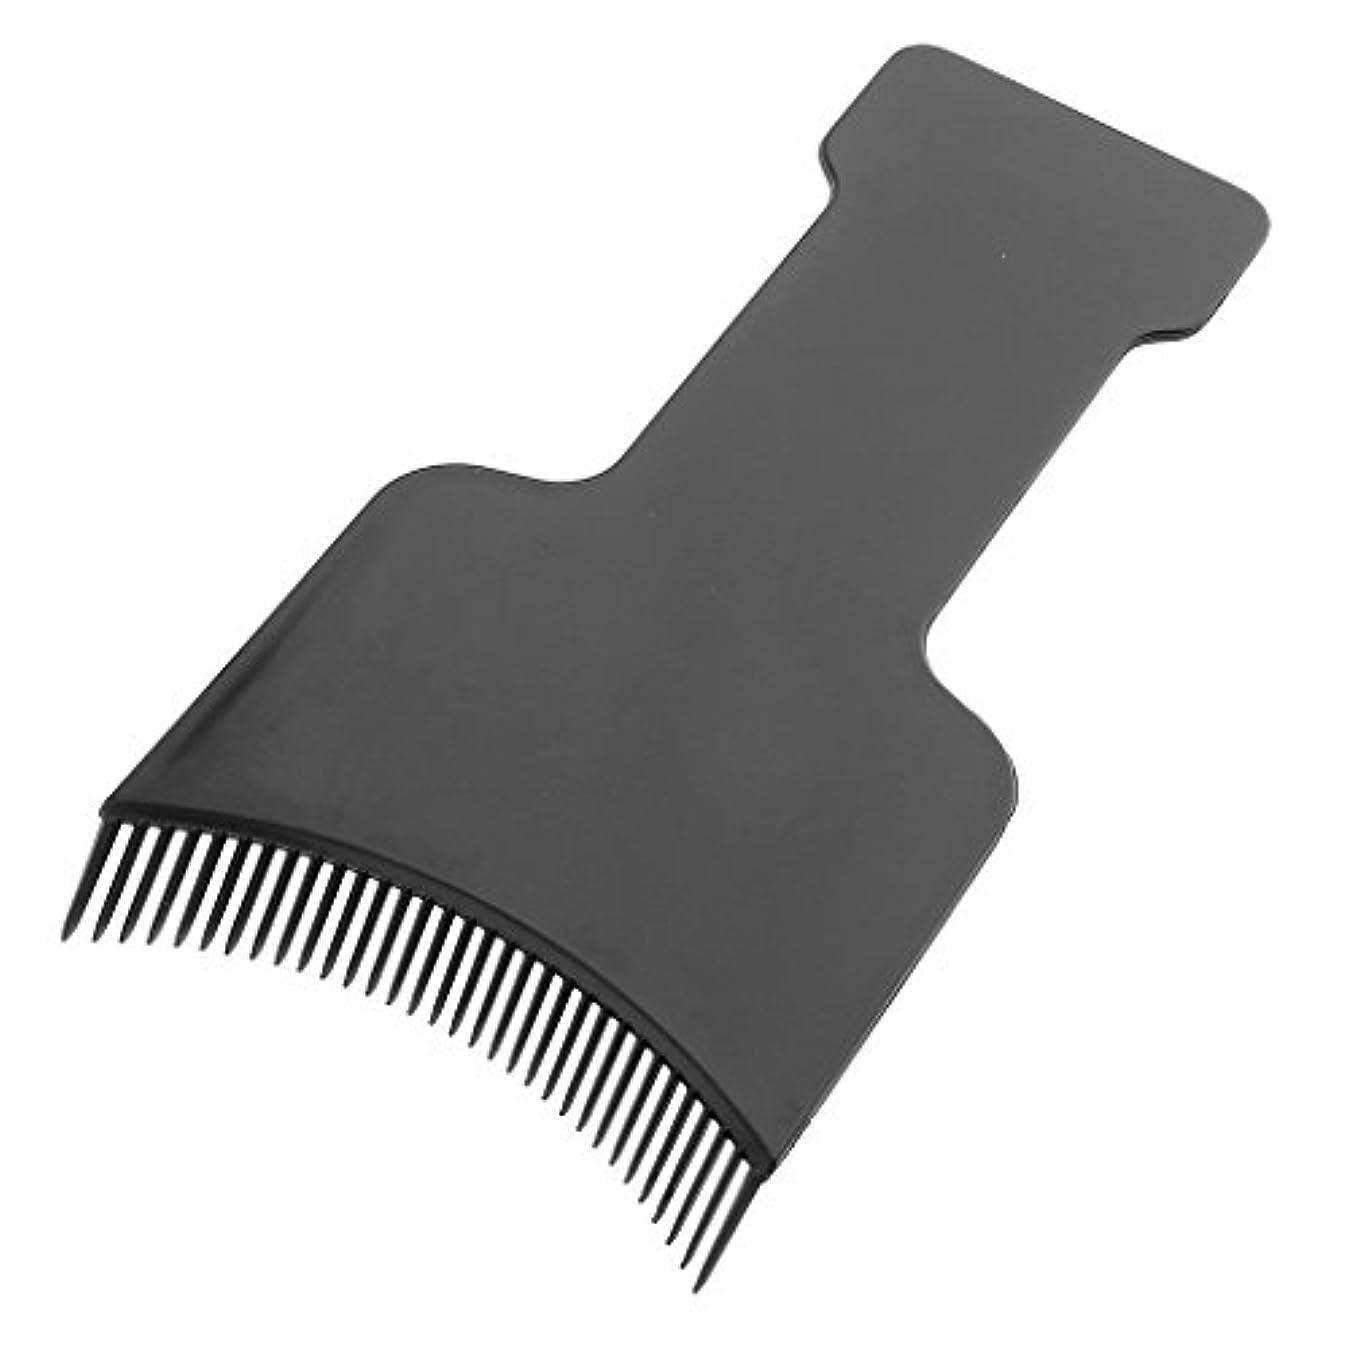 うま推進凍結Blesiya 染色ティントプレート ヘアカラー ボード 美容 ヘア ツール 髪 保護 ブラック 実用 便利 全4サイズ  - S